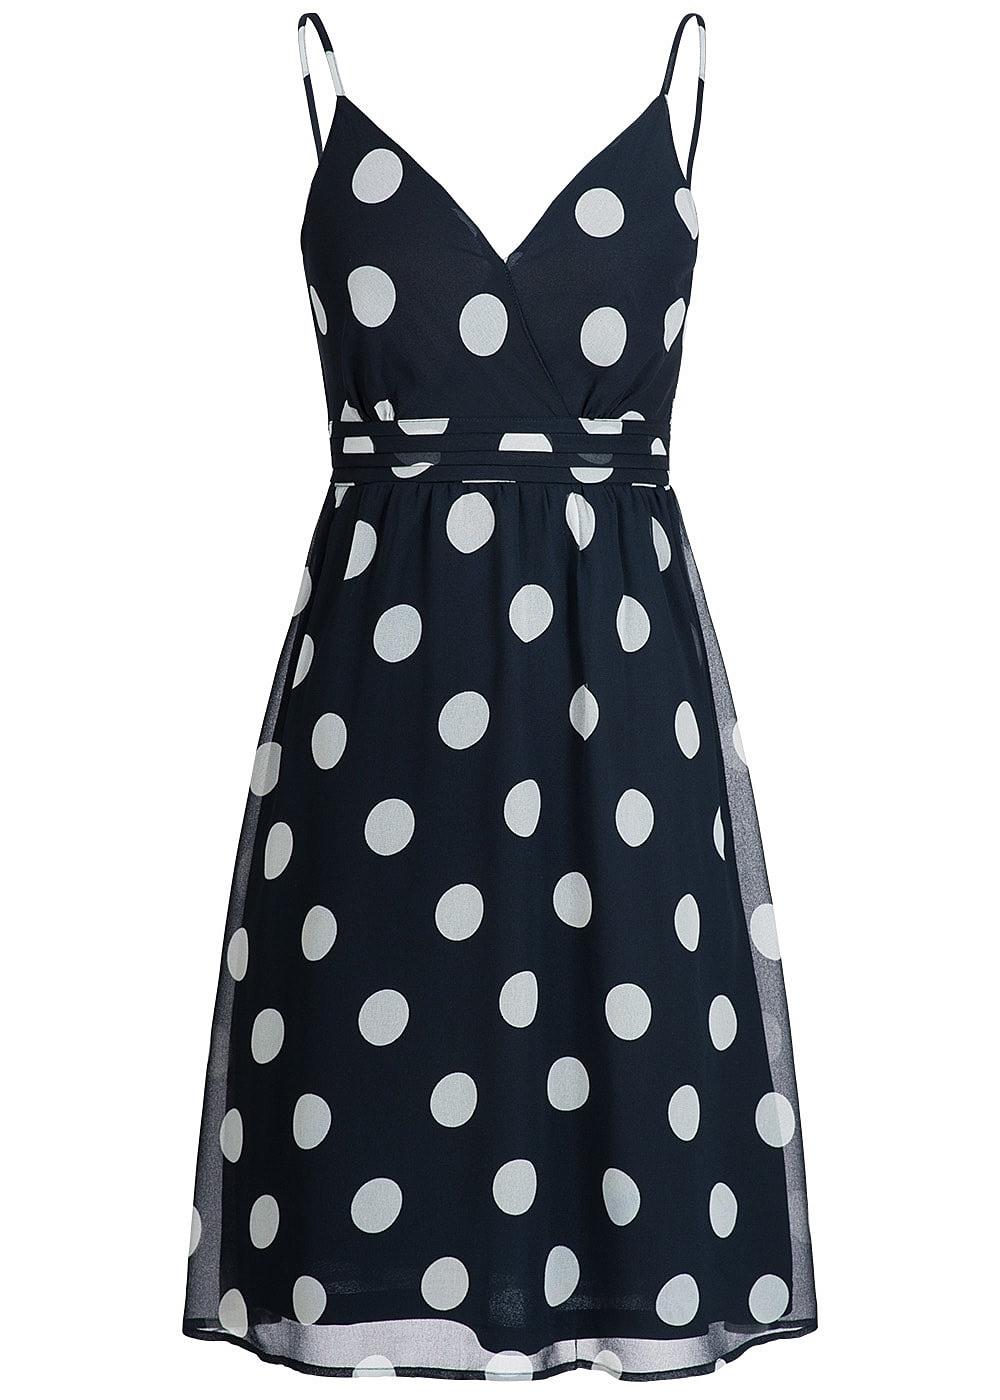 15 Genial Blaues Kleid Mit Punkten Ärmel - Abendkleid